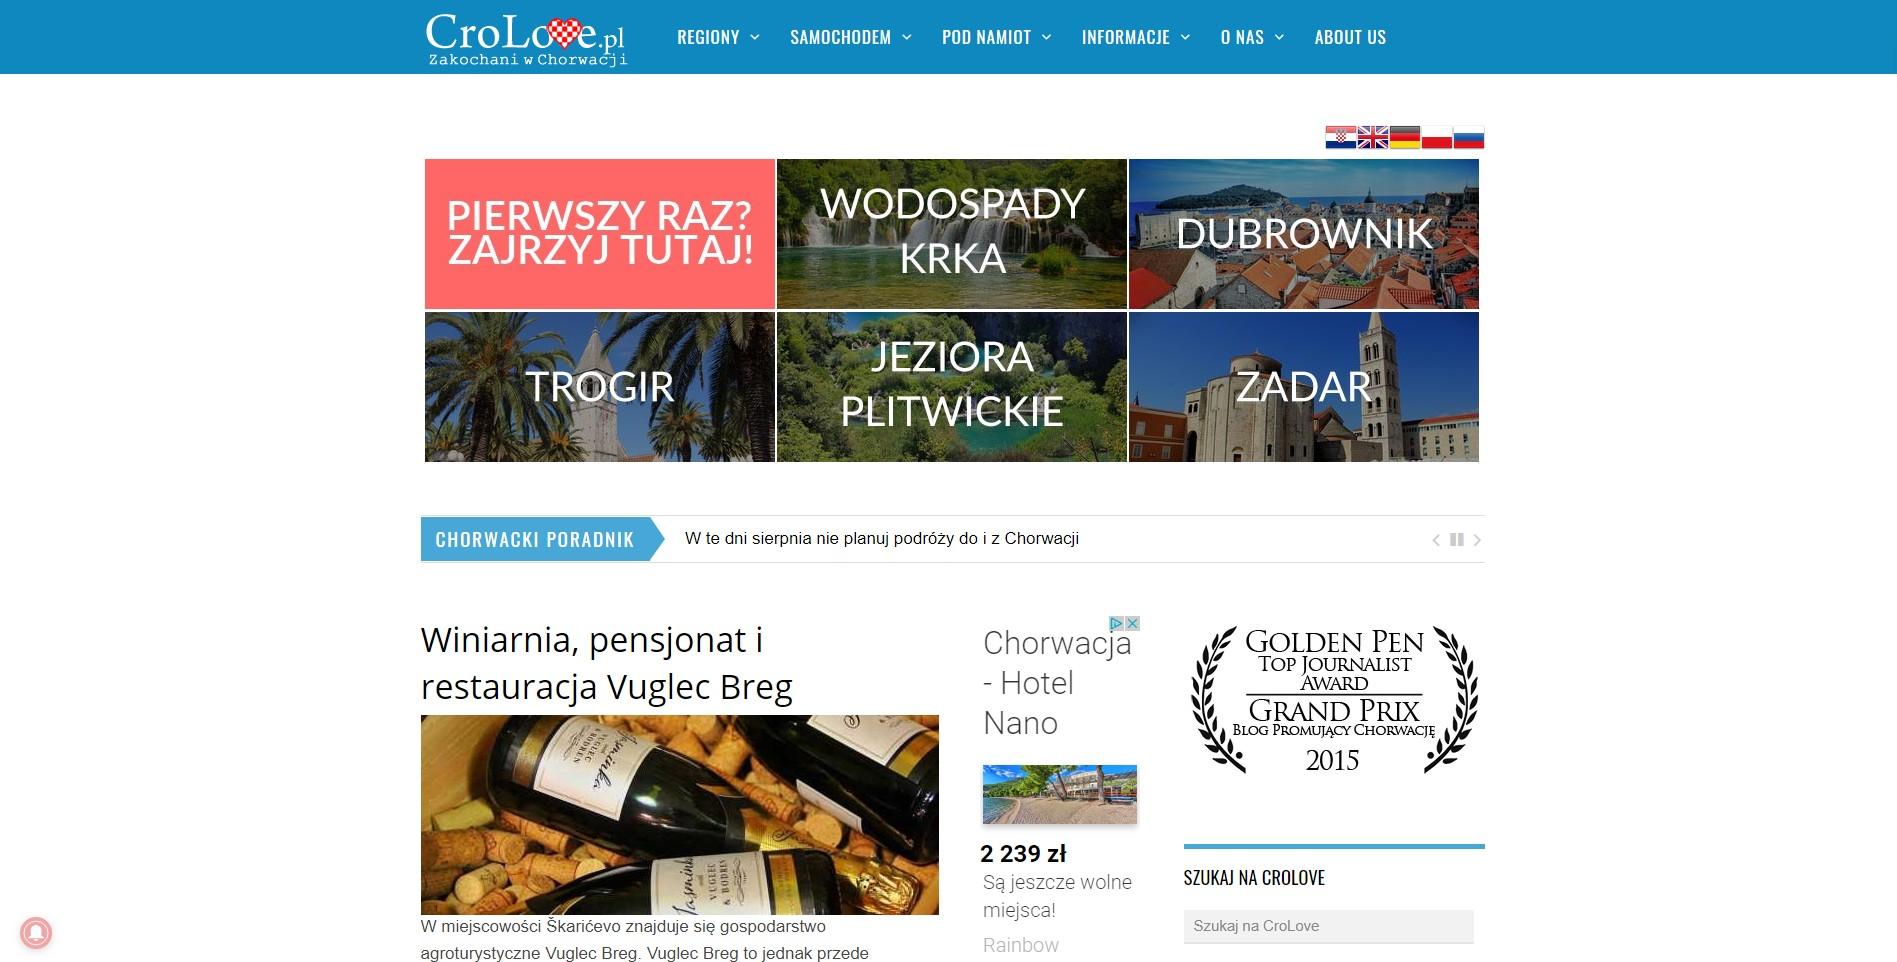 Blog podróżniczy crolove.pl